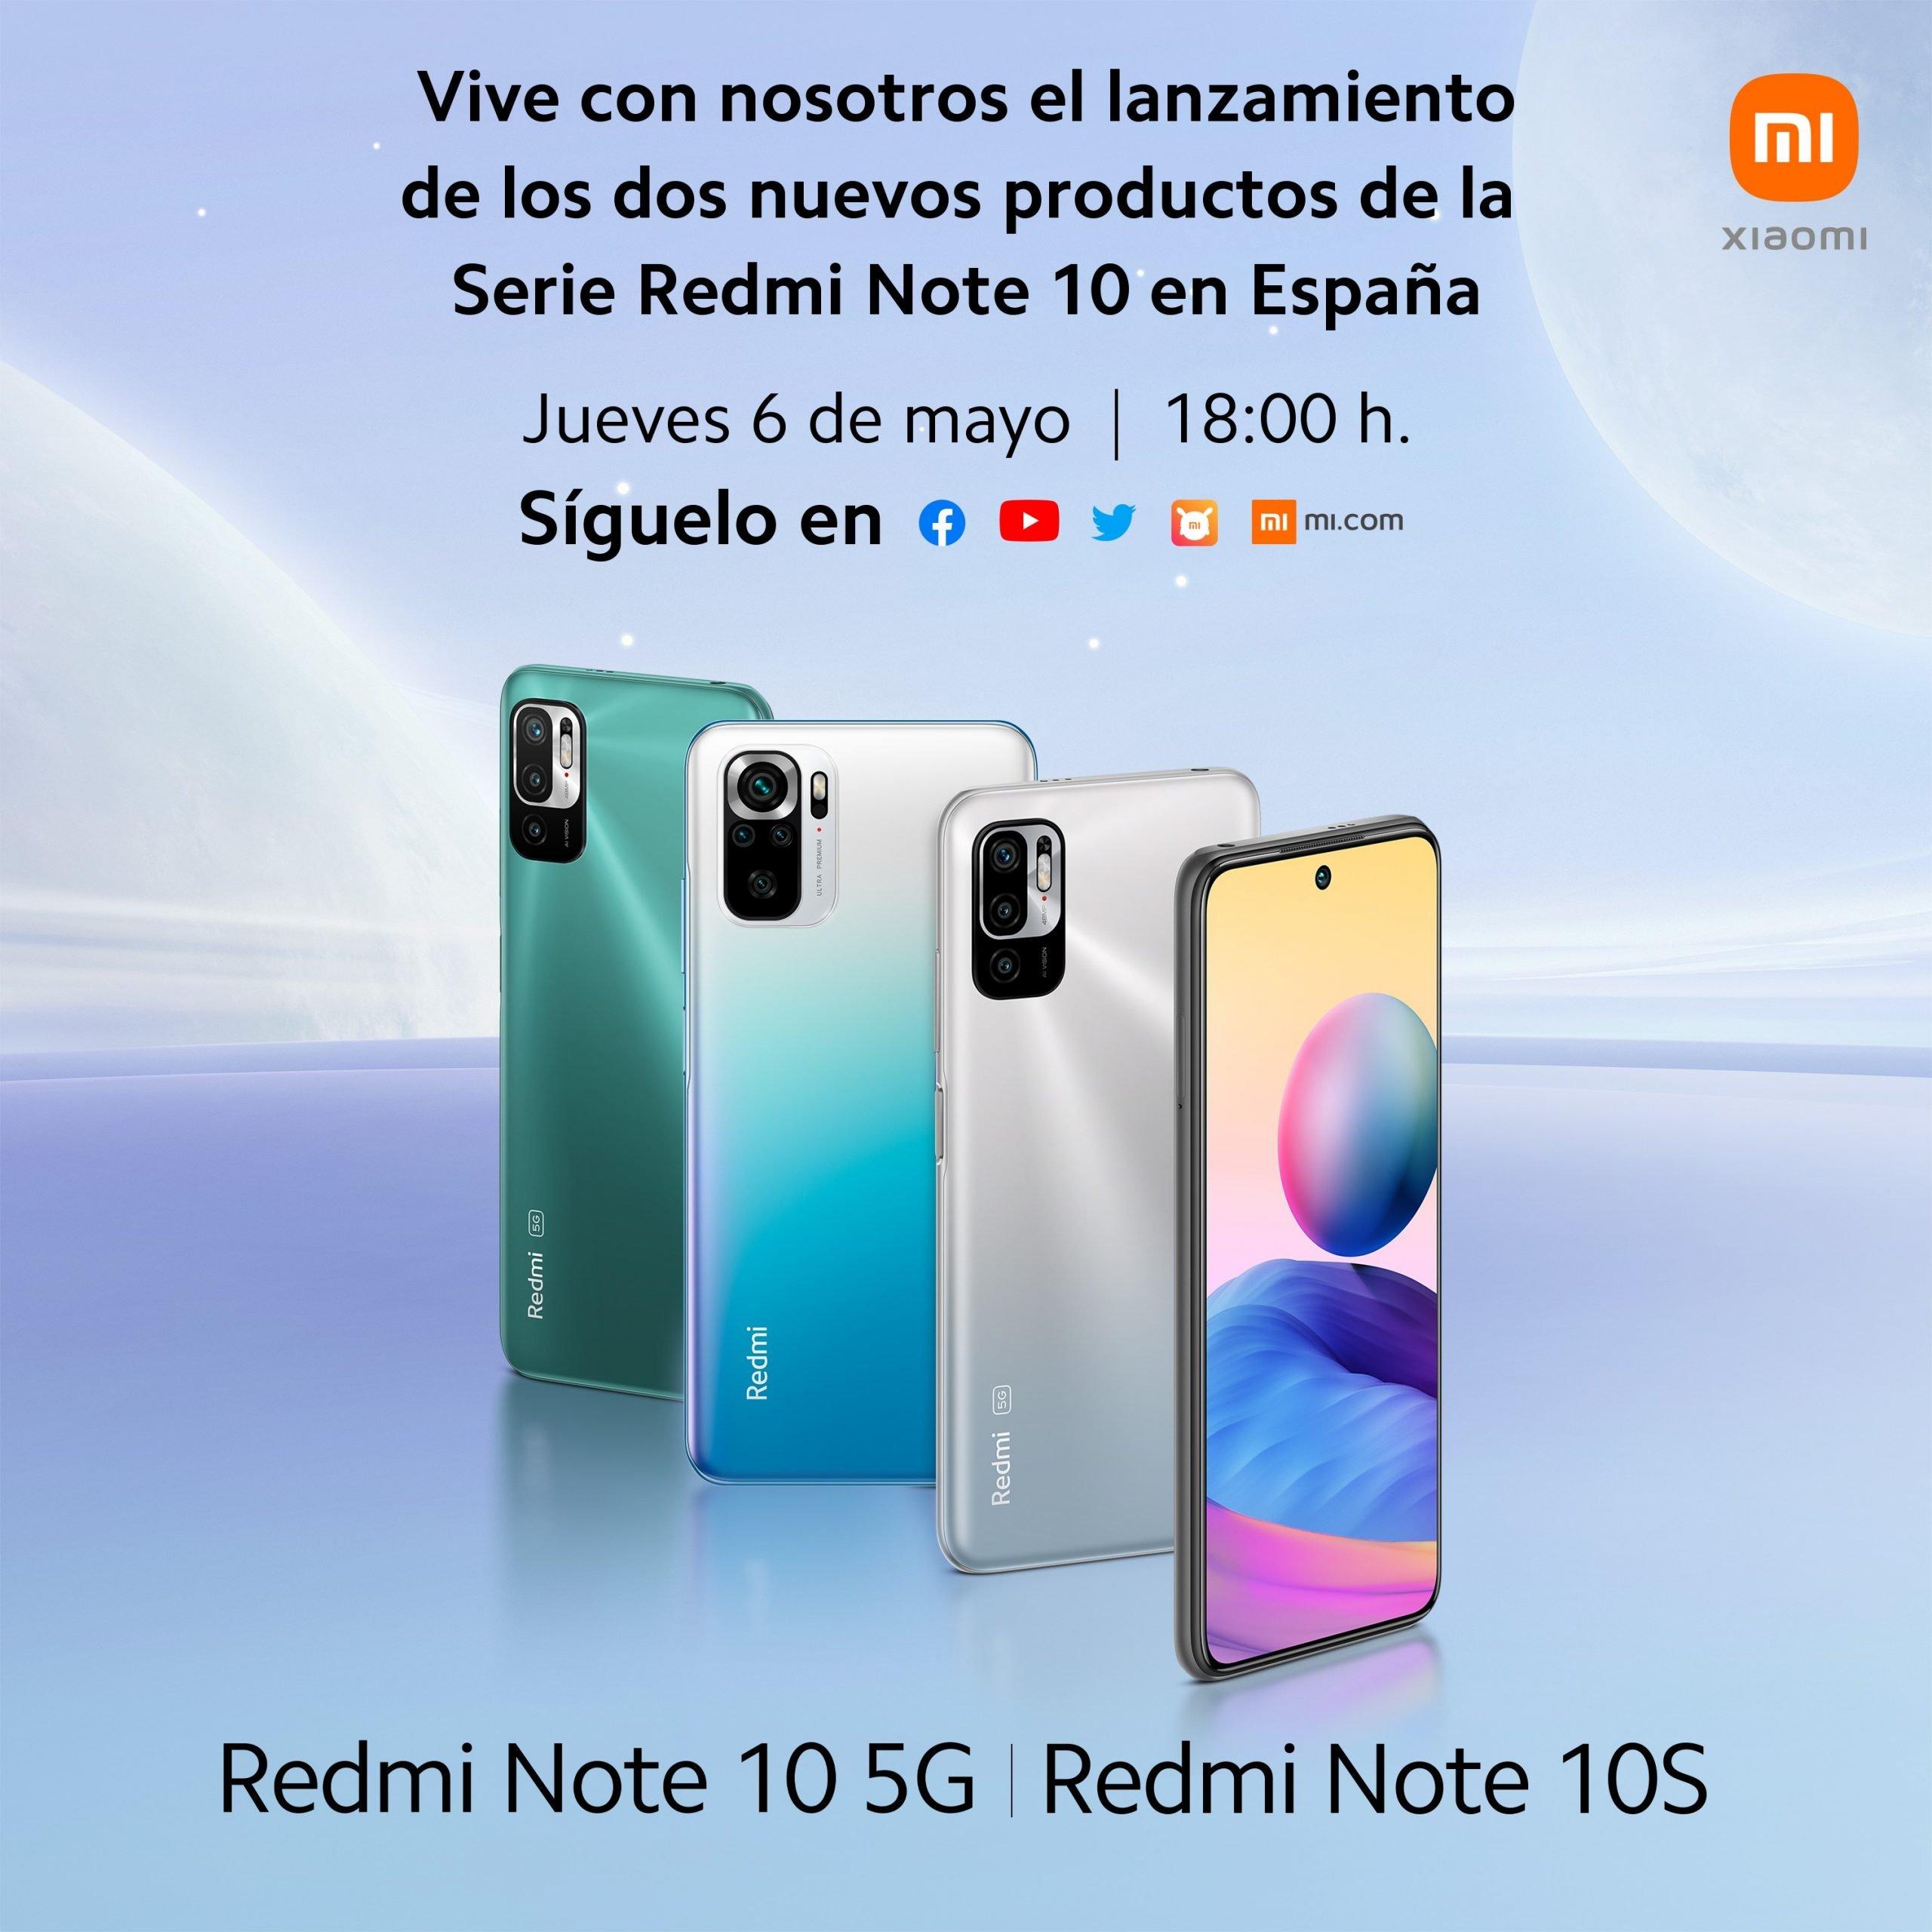 Los Redmi Note 10 5G y Note 10S llegarán a España oficialmente el 6 de mayo. Noticias Xiaomi Adictos